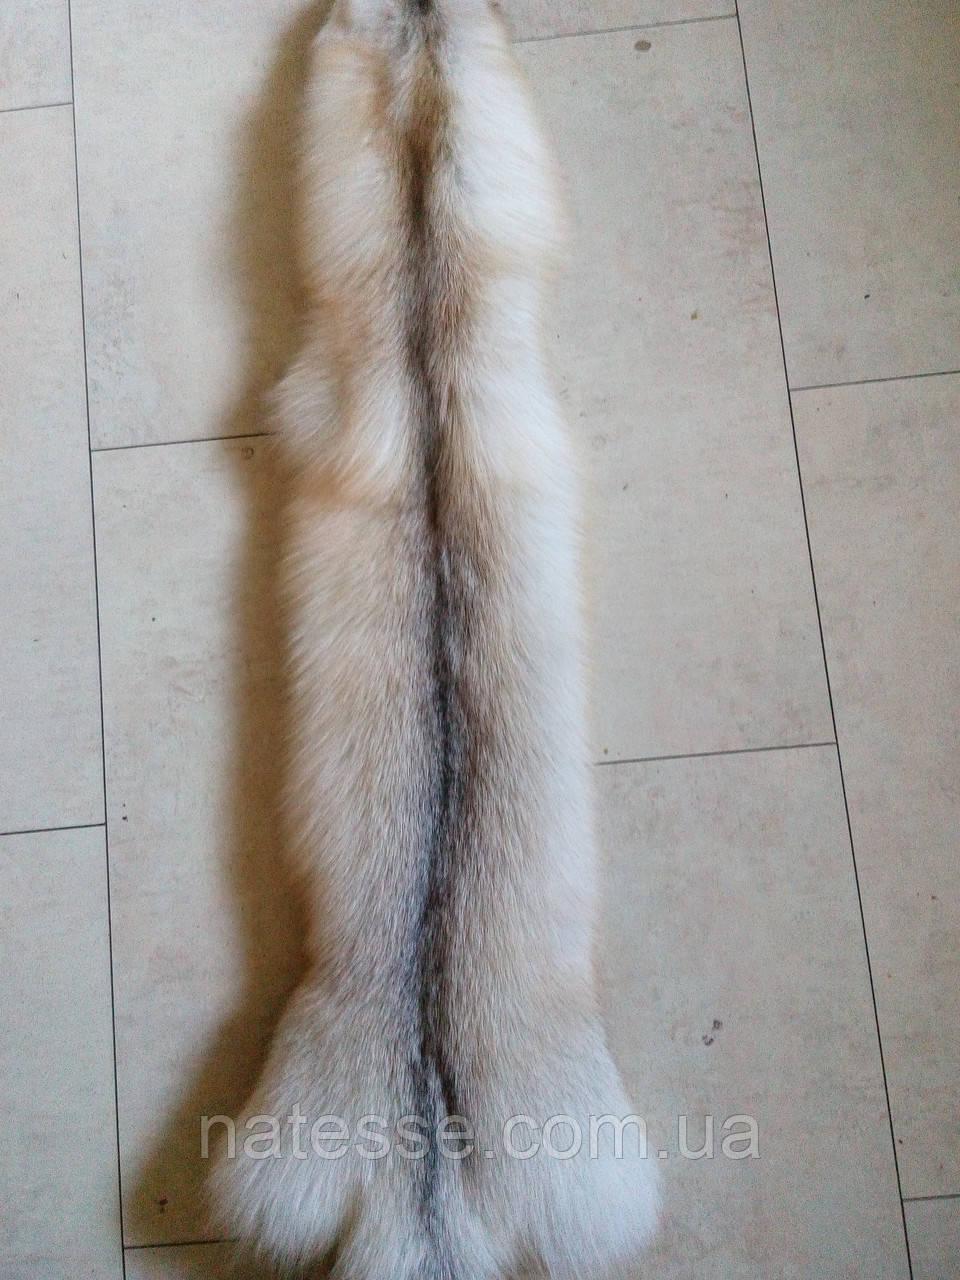 Шкуры мех белой лисы Фанни длиной 85-90 см